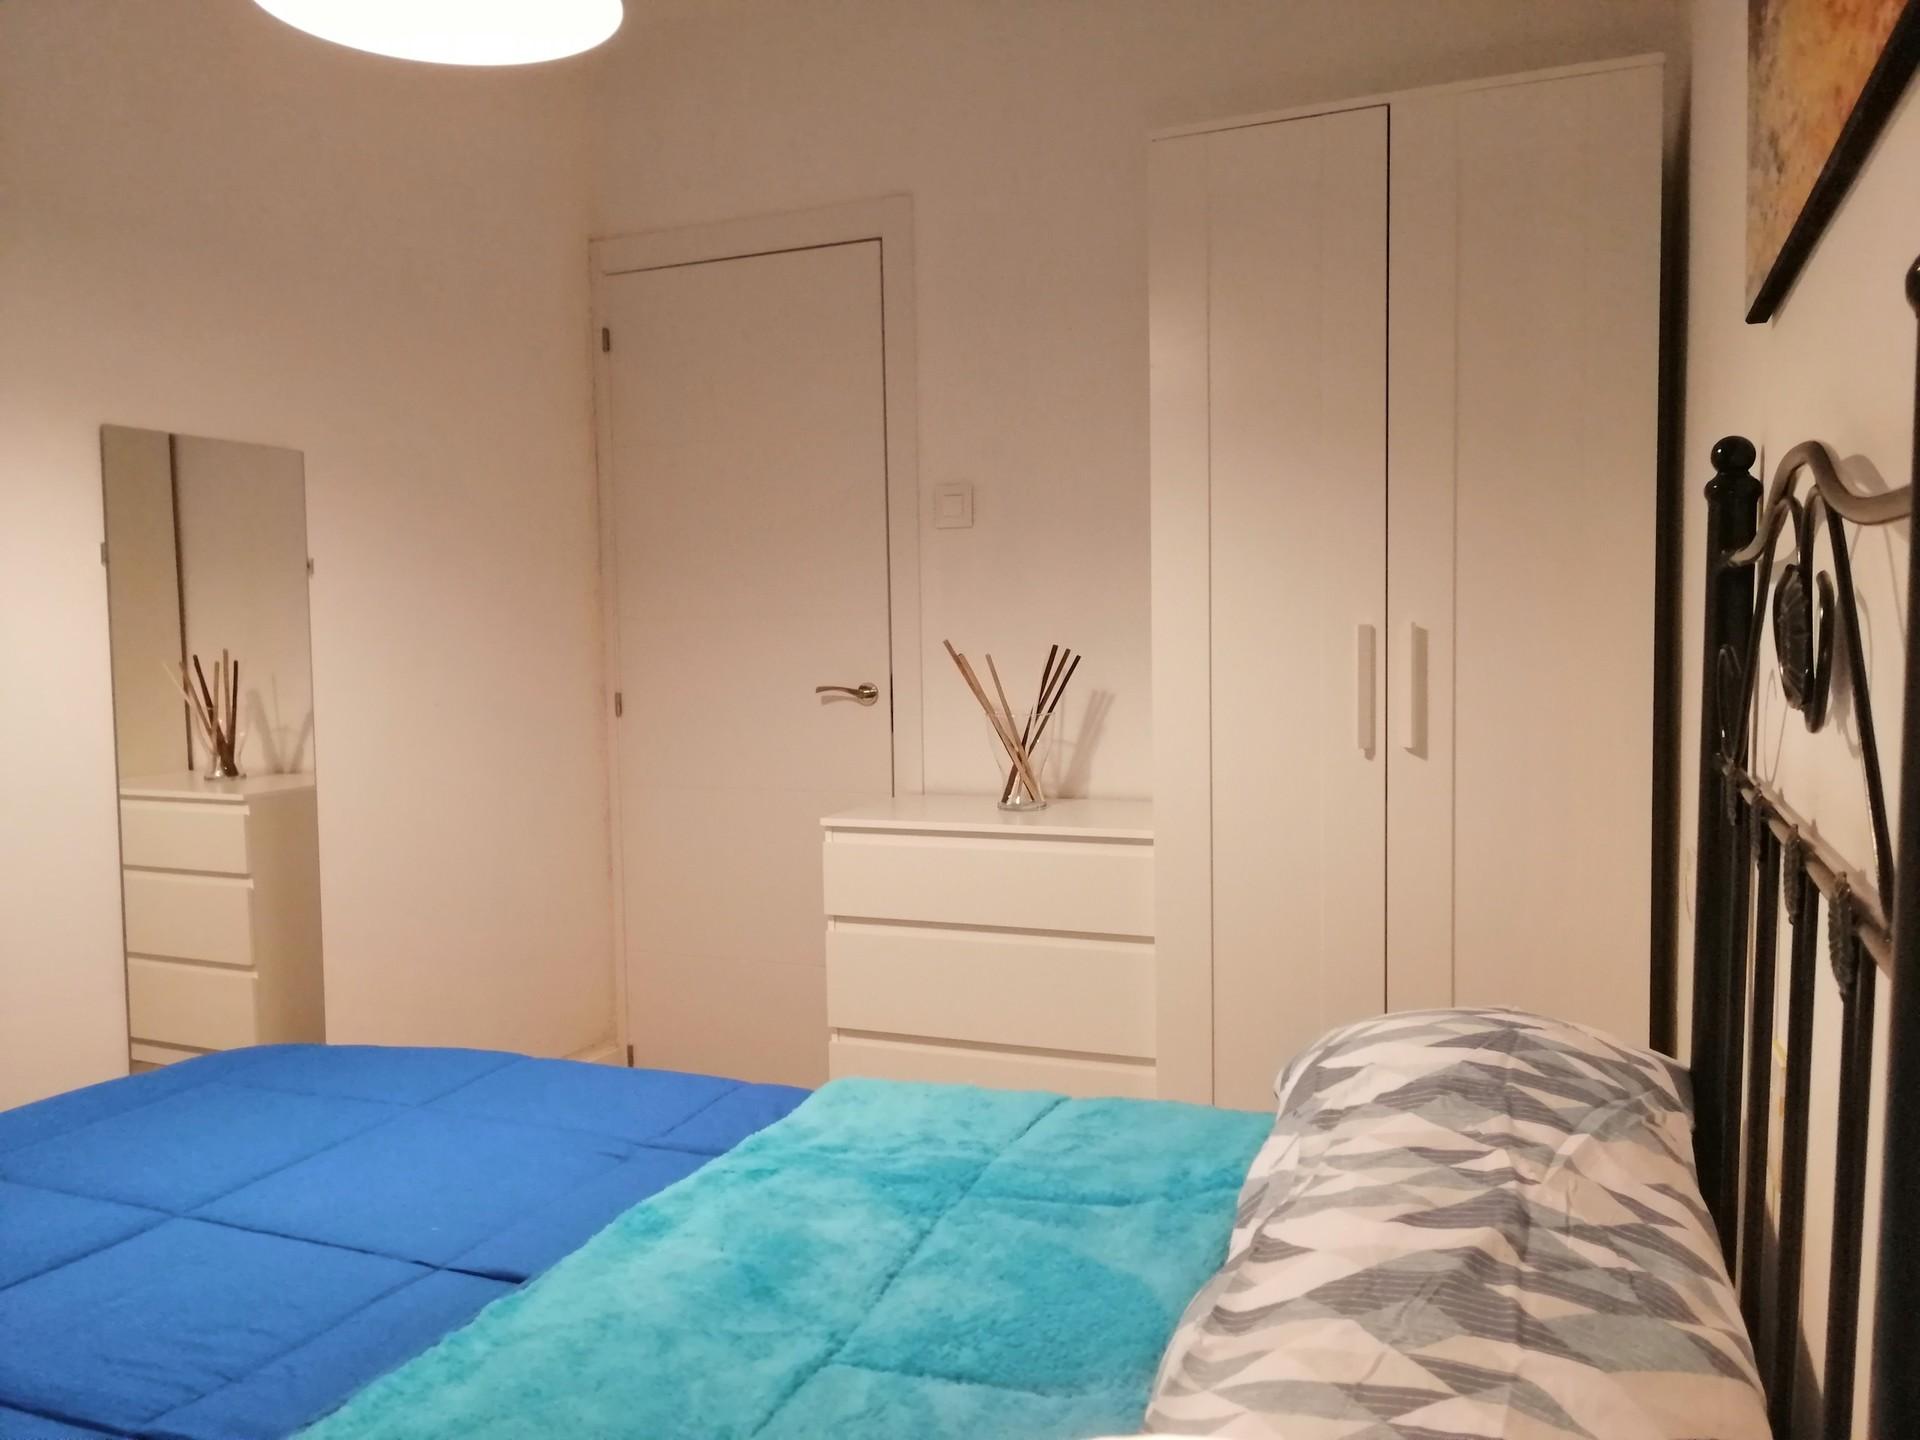 Fantástica habitación con todas la comodidades y m